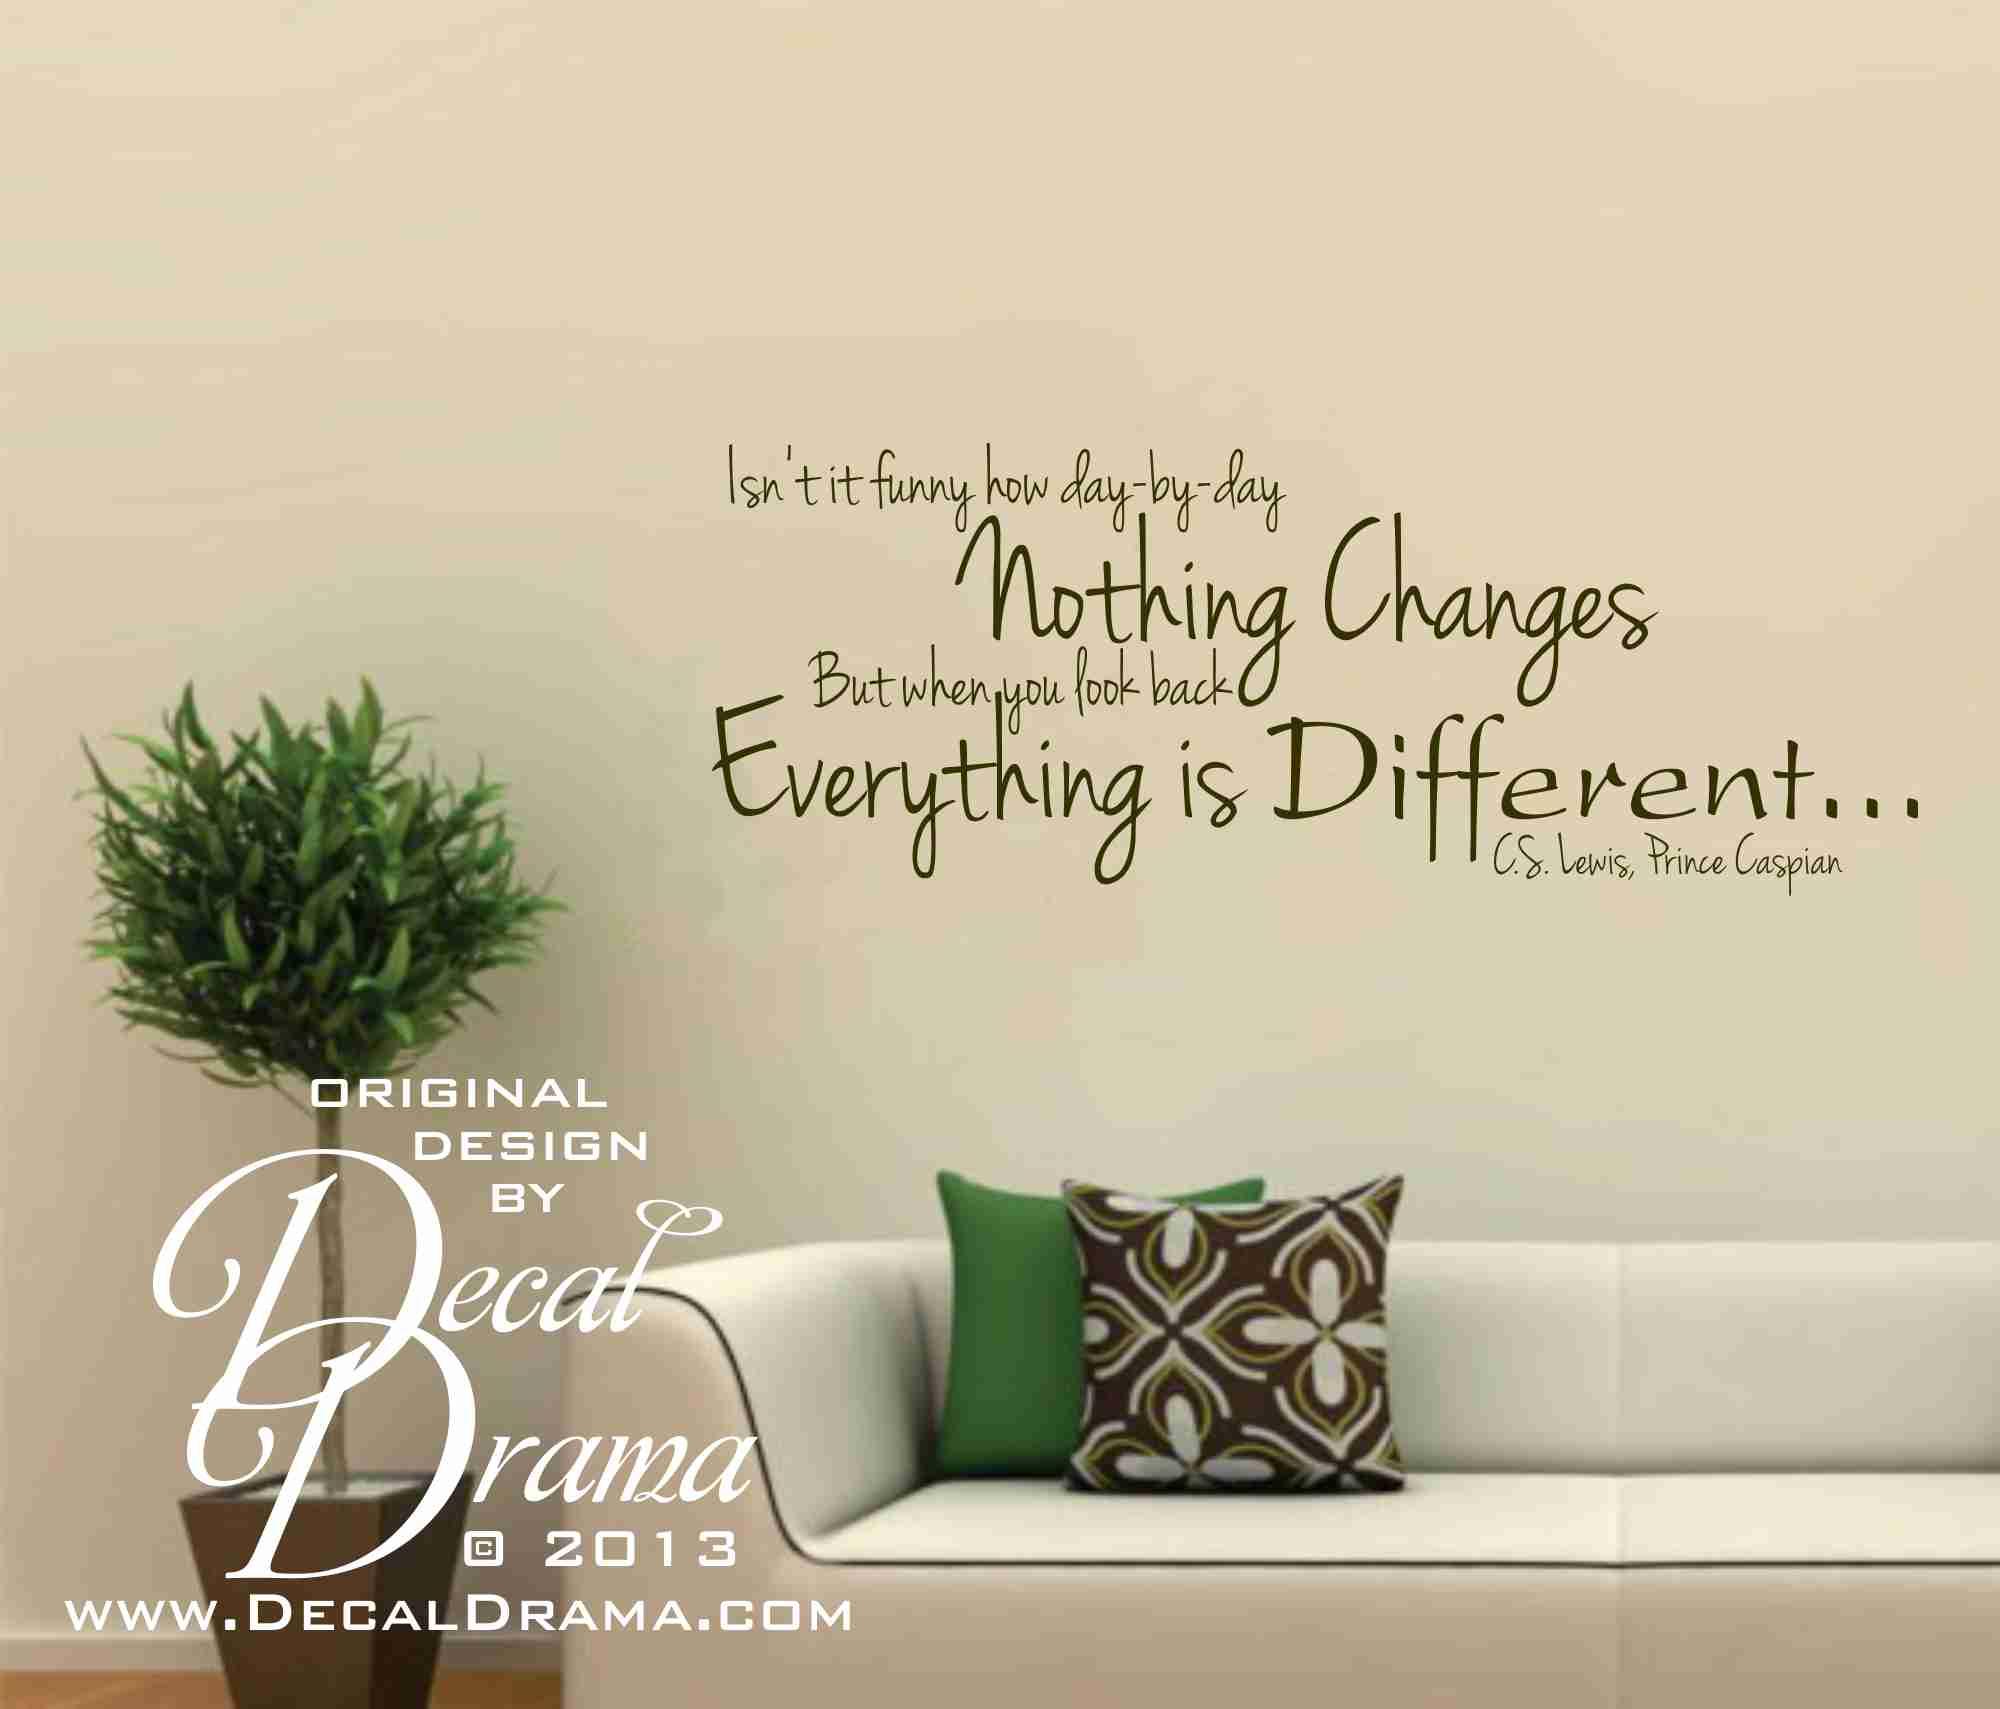 Narnia Quotes Wallpaper